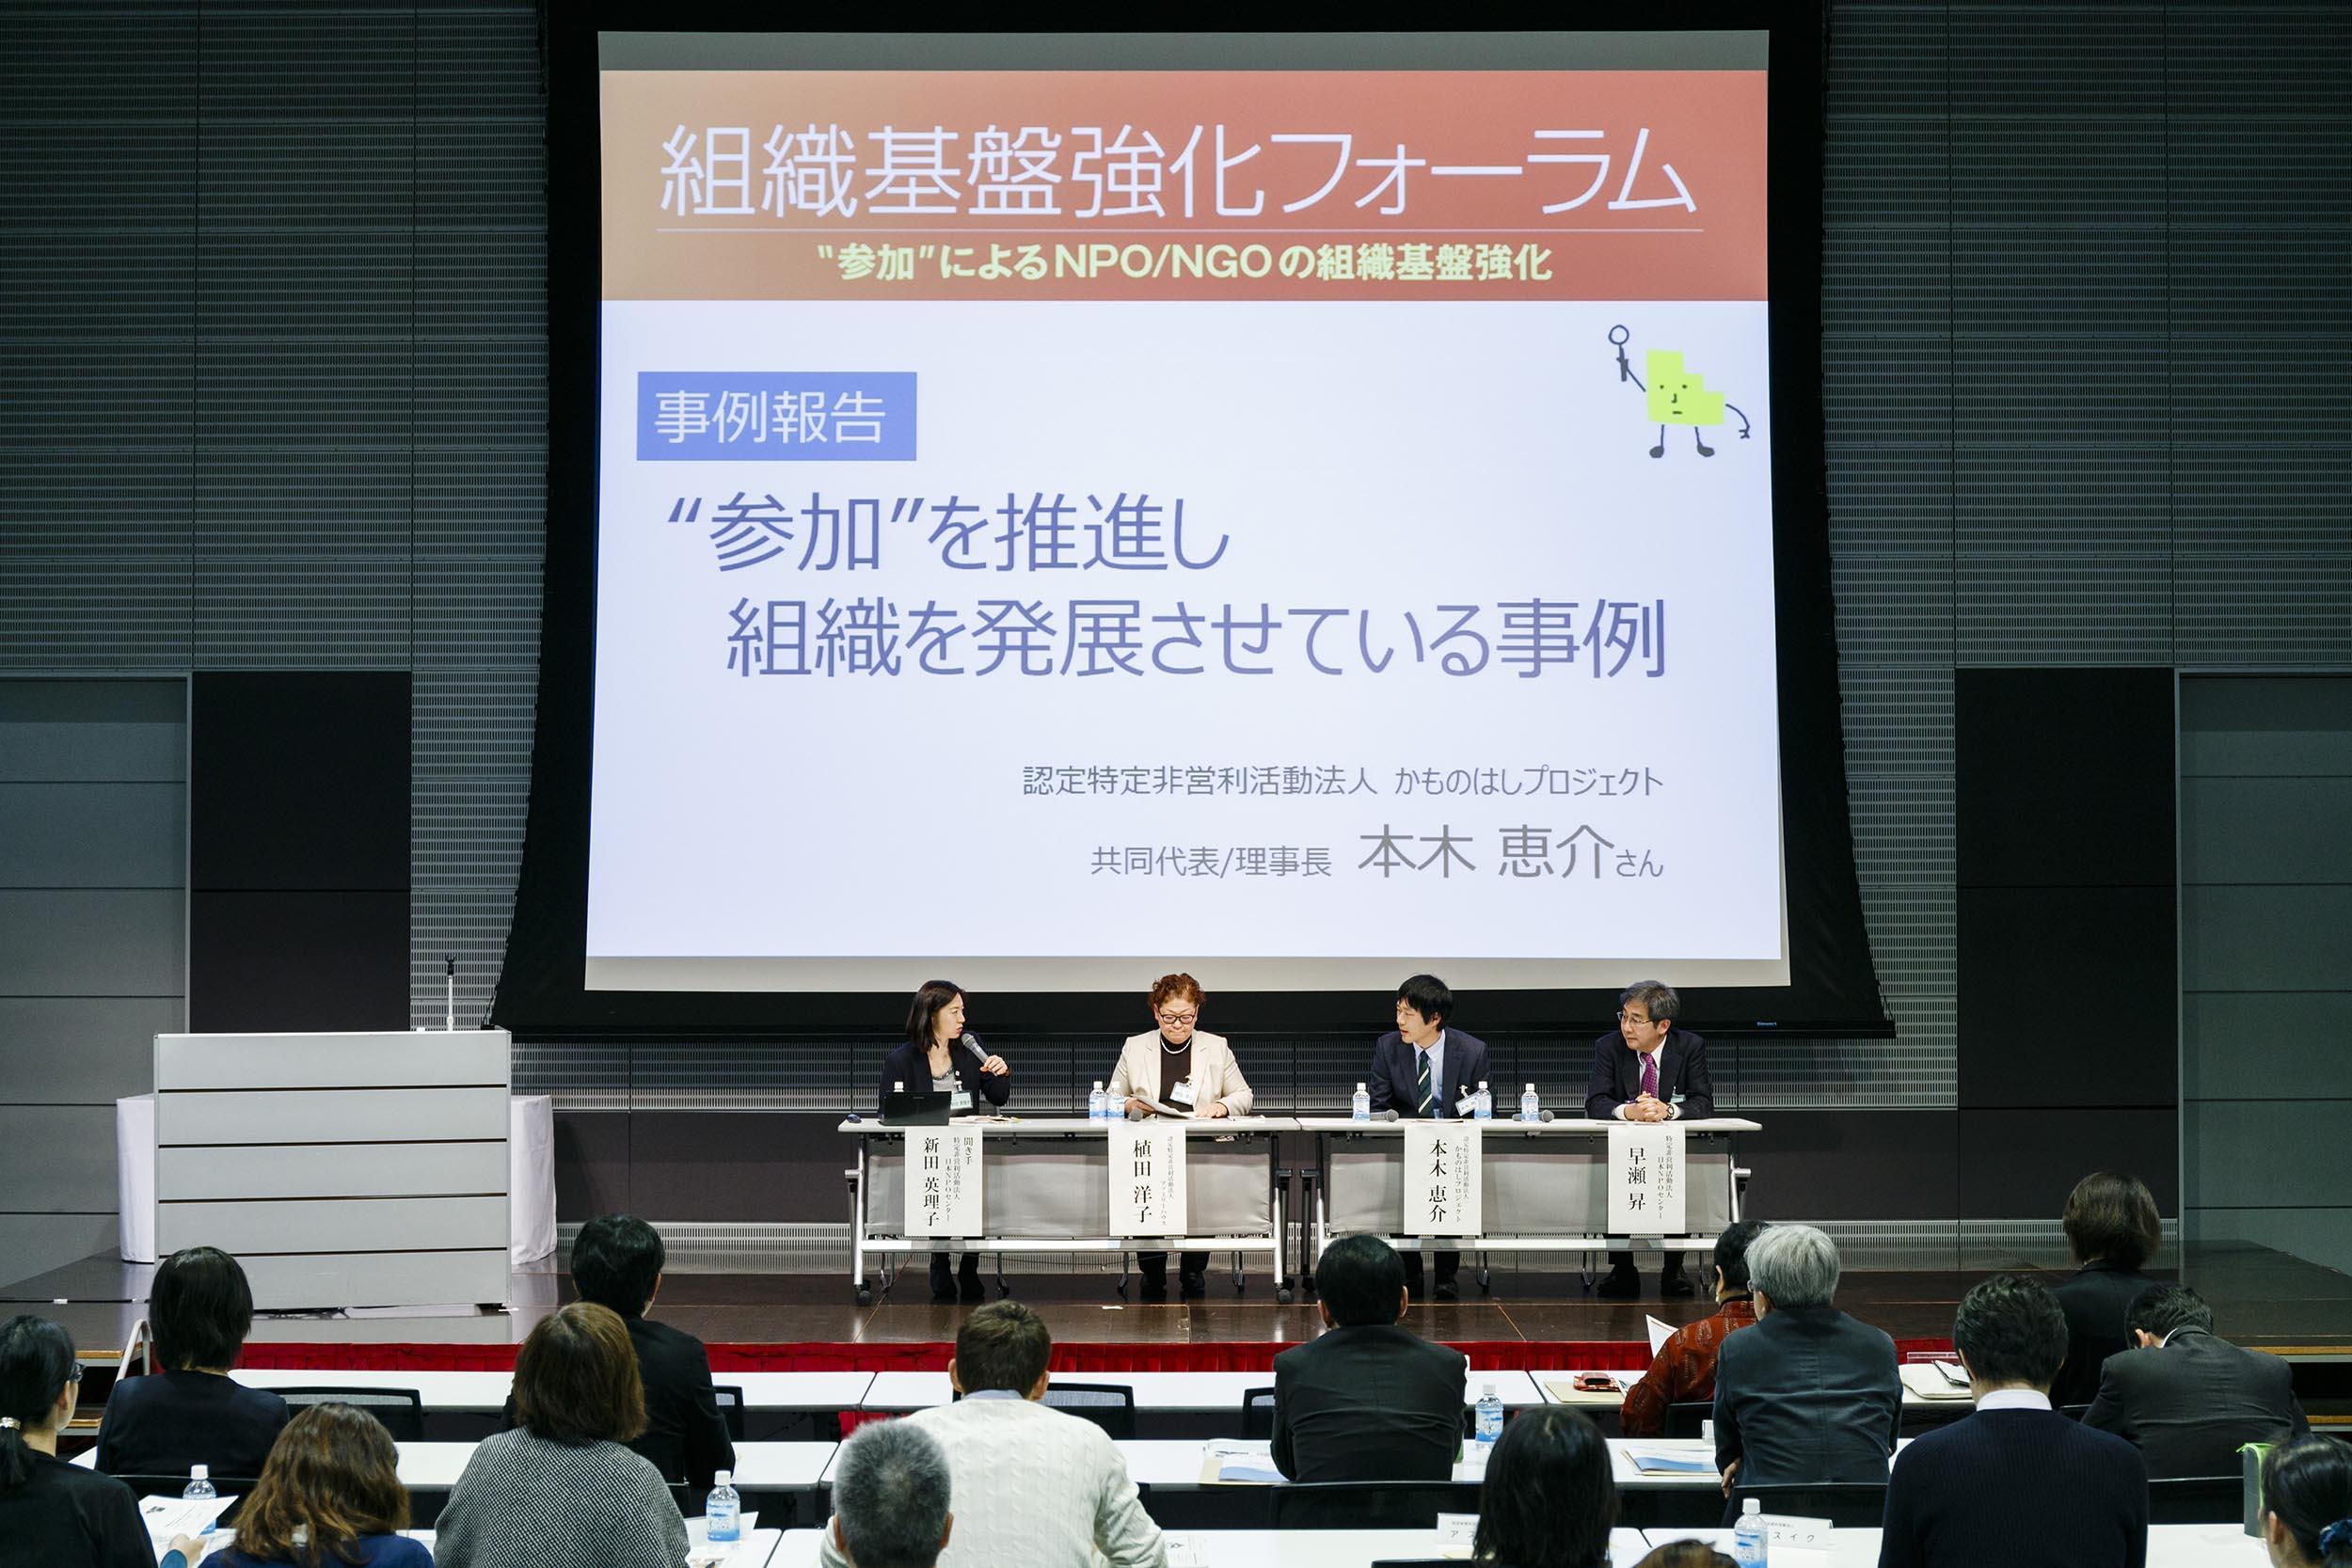 2017年開催の組織基盤強化フォーラムの様子